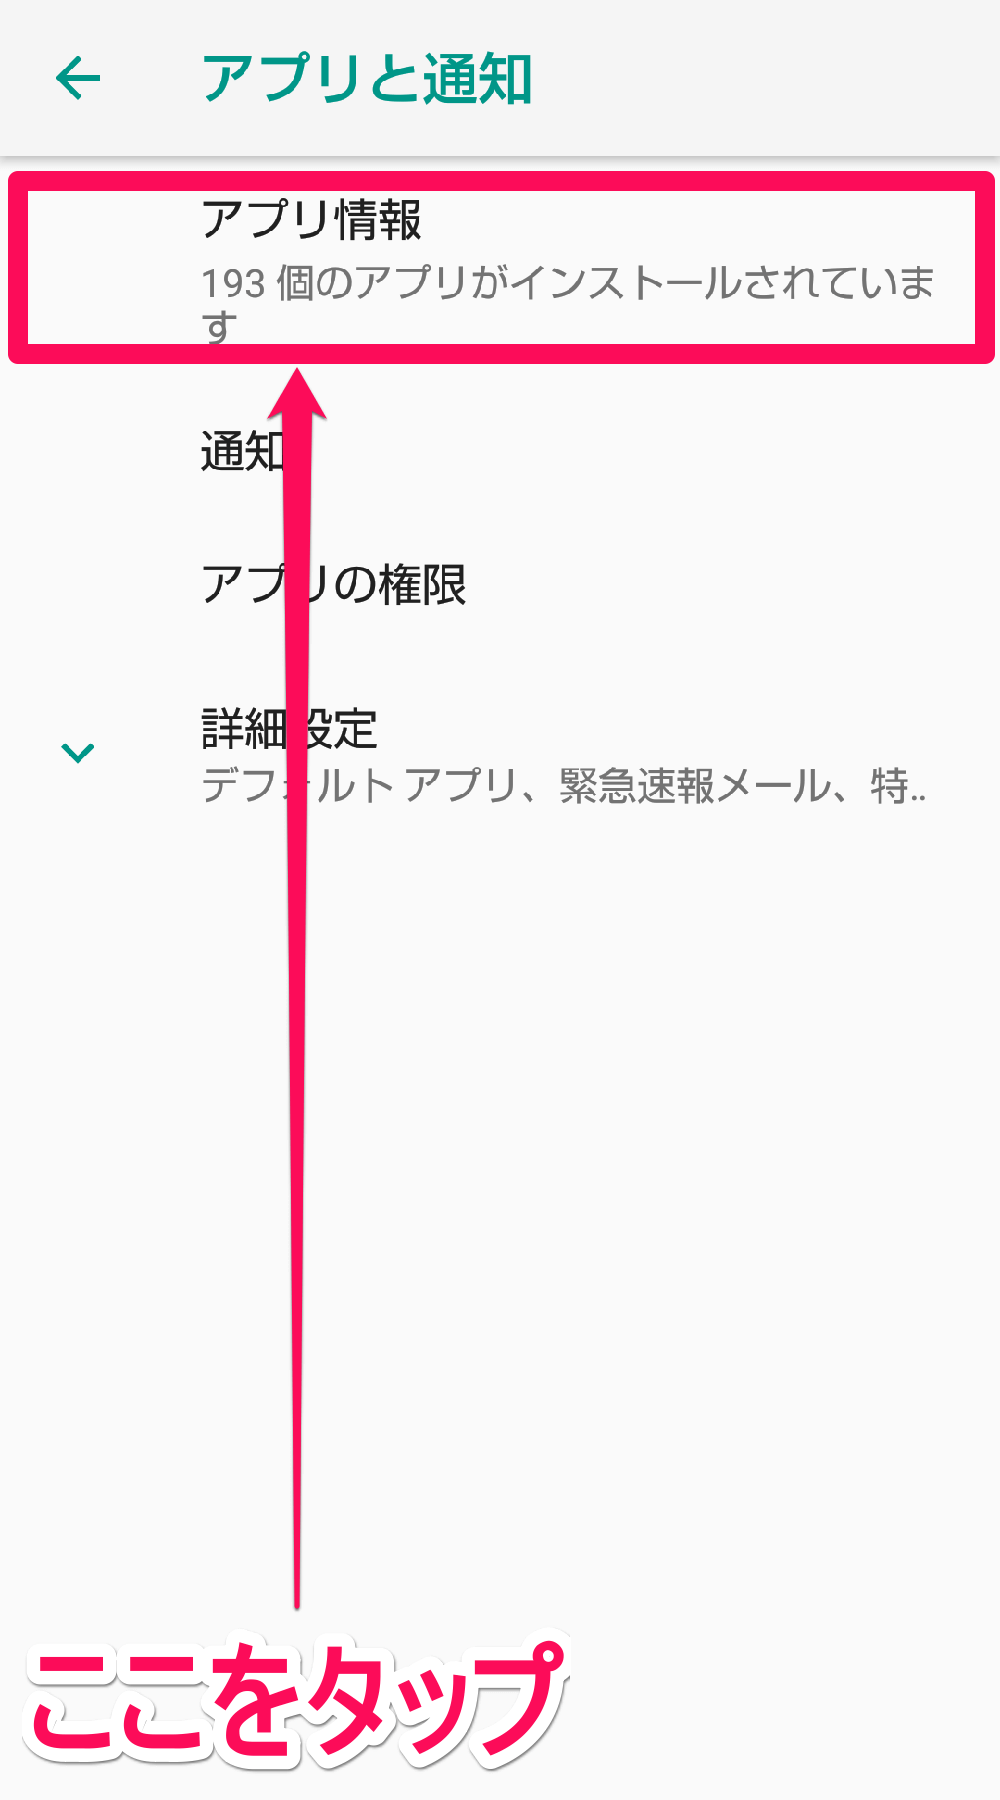 アンドロイド(Android)版「設定」アプリの[アプリと通知]画面